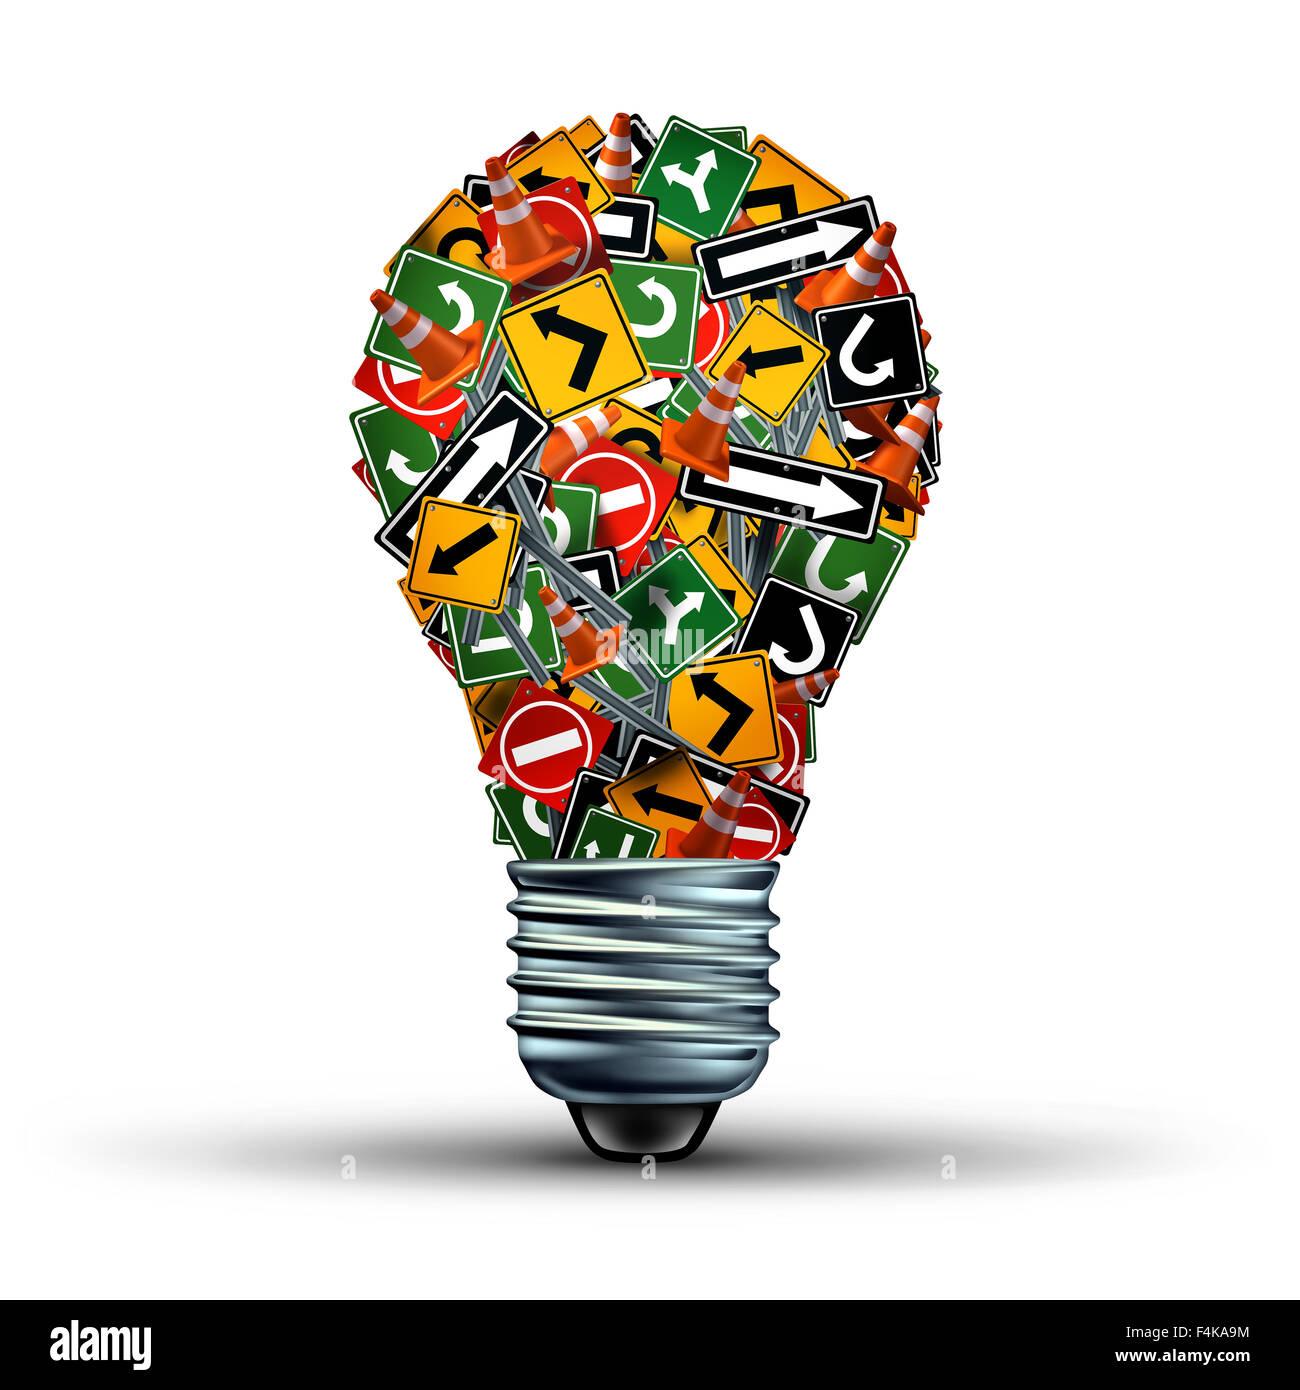 Kreative Beratung Konzept und Ideen Richtung wie ein Business-Symbol mit einer Gruppe von Autobahn und Straßenschilder Stockbild